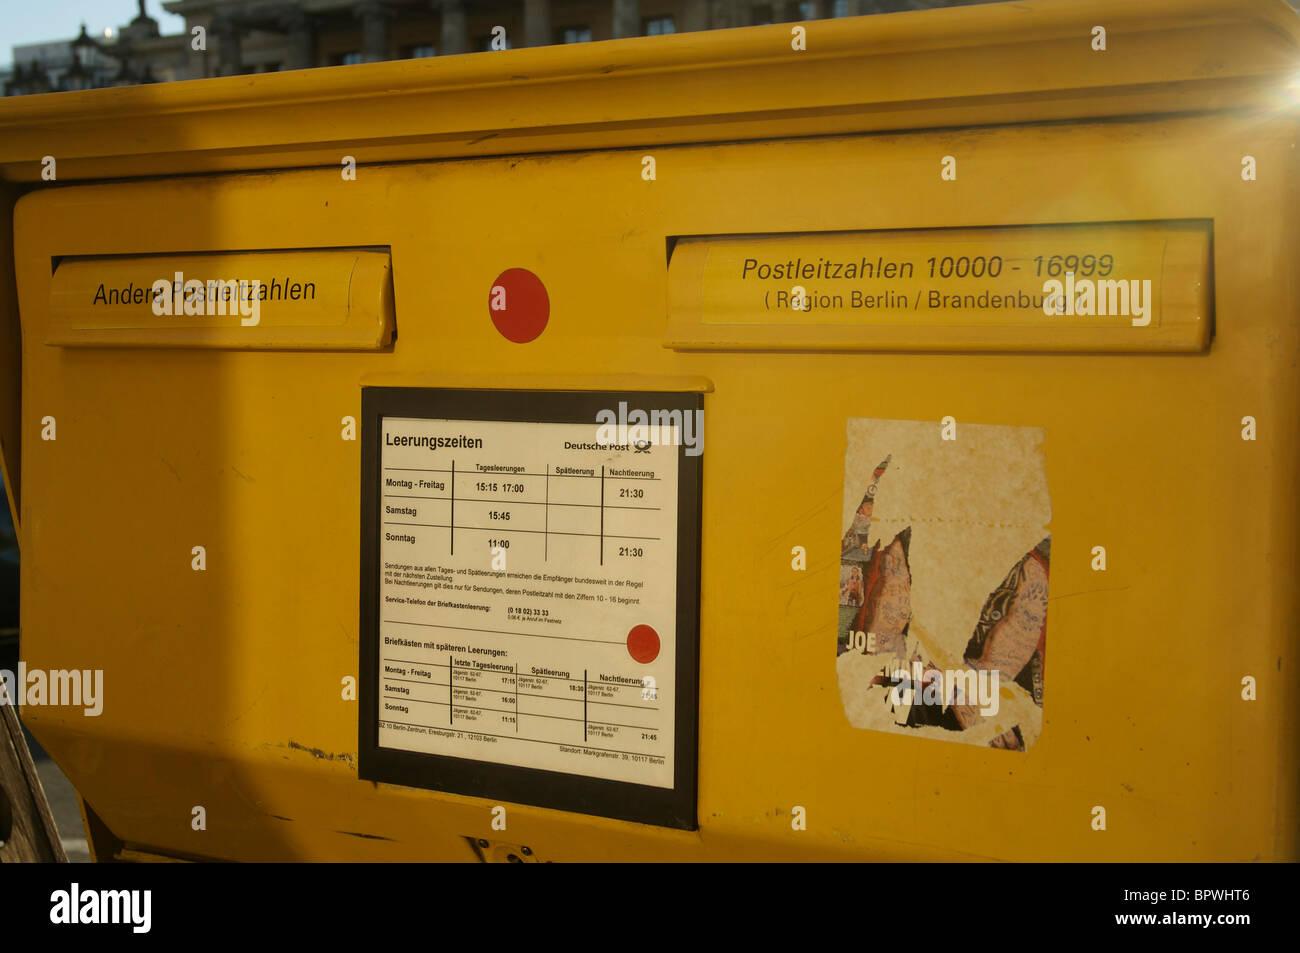 Nachtleerung Briefkasten Berlin